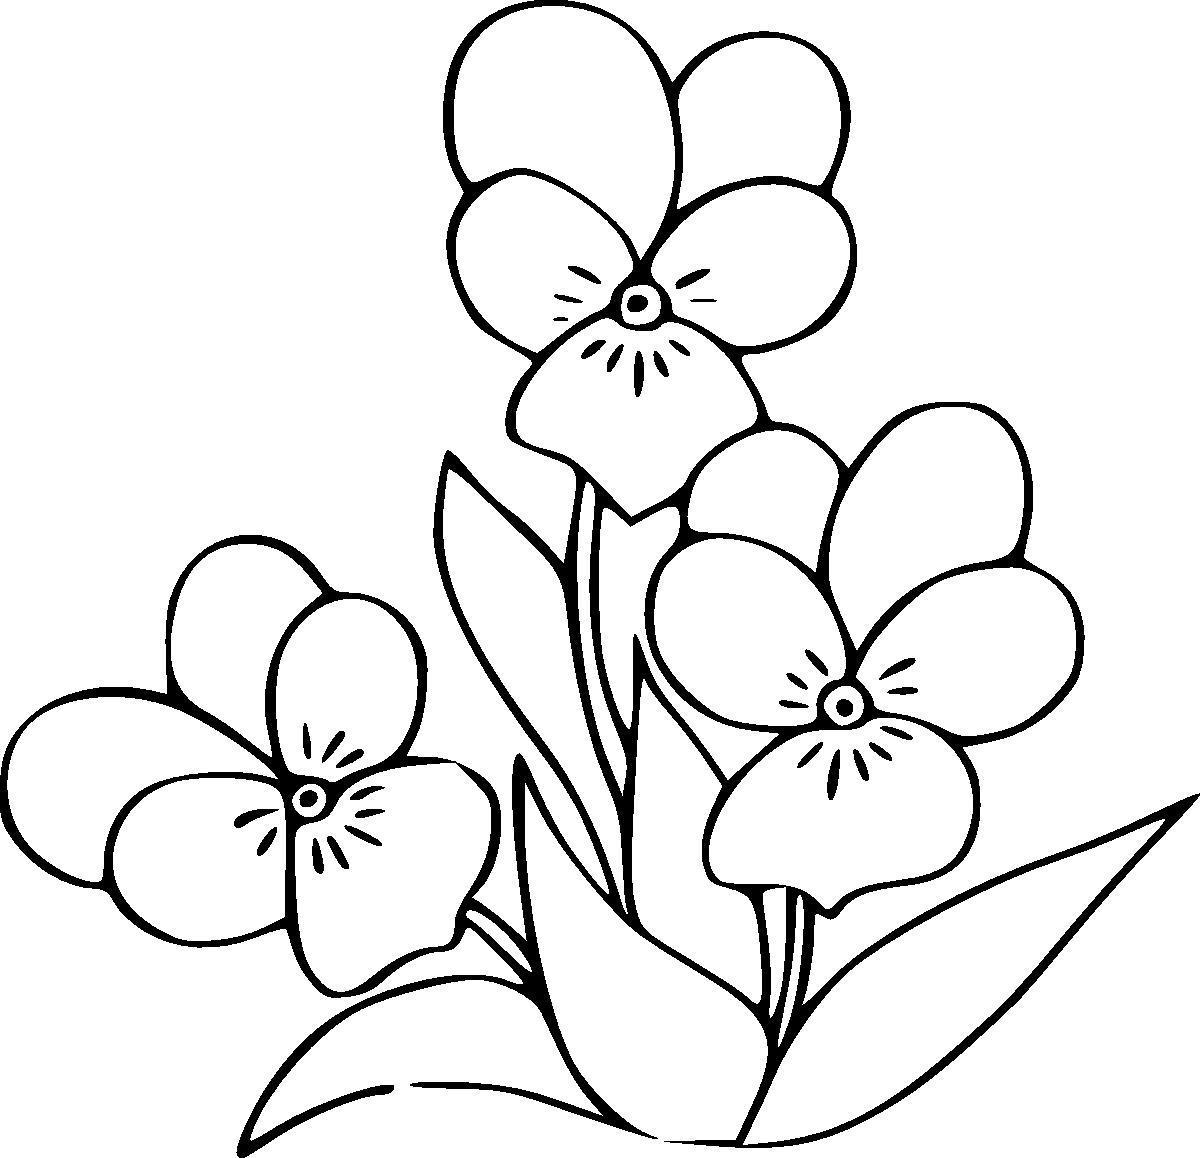 Выкройки и сборка цветов  Декоративные цветы из ткани